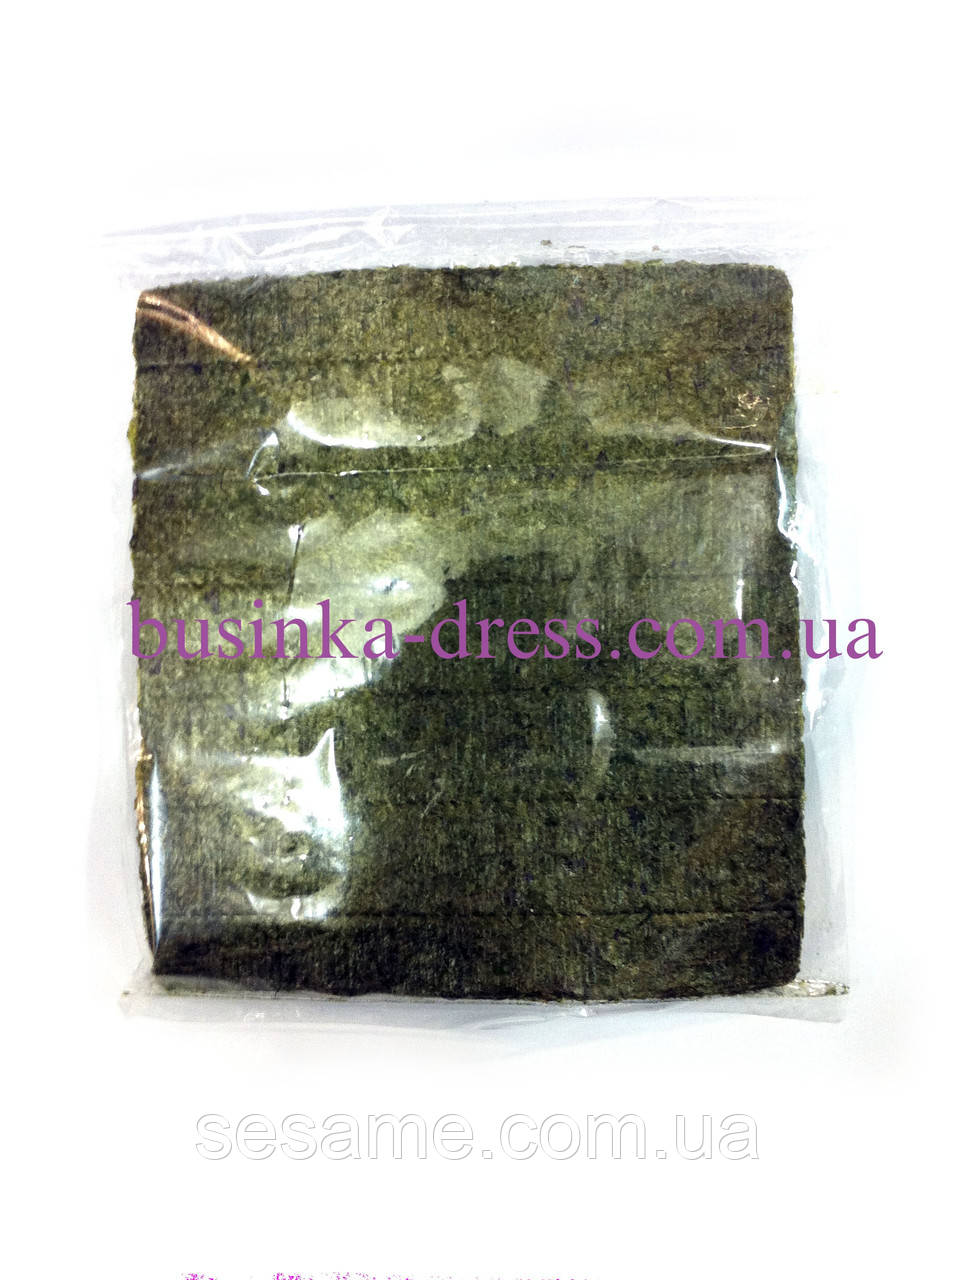 Водоросли Нори Gold, 10 листов 25г (Китай)